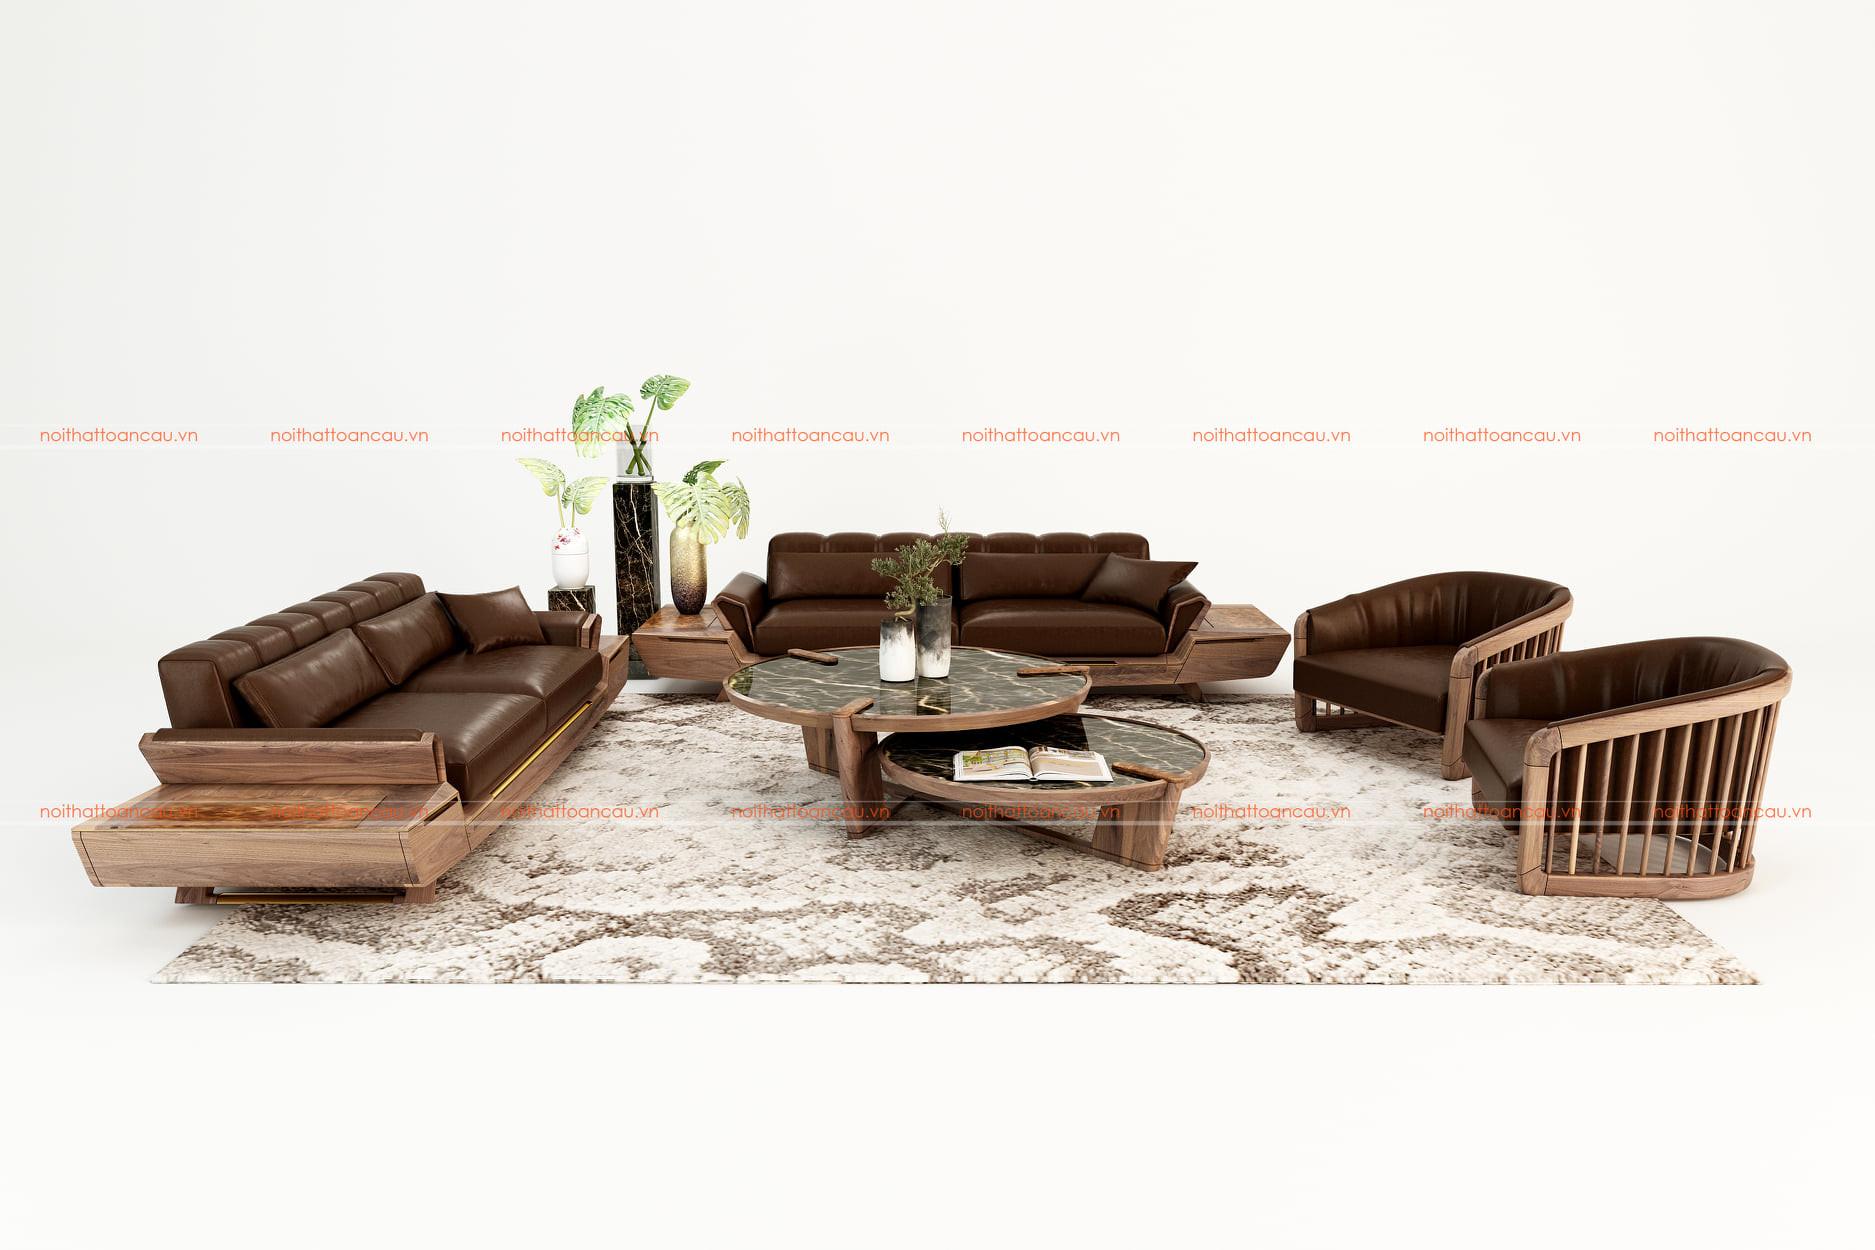 Bộ bàn ghế phòng khách bằng gỗ óc chó